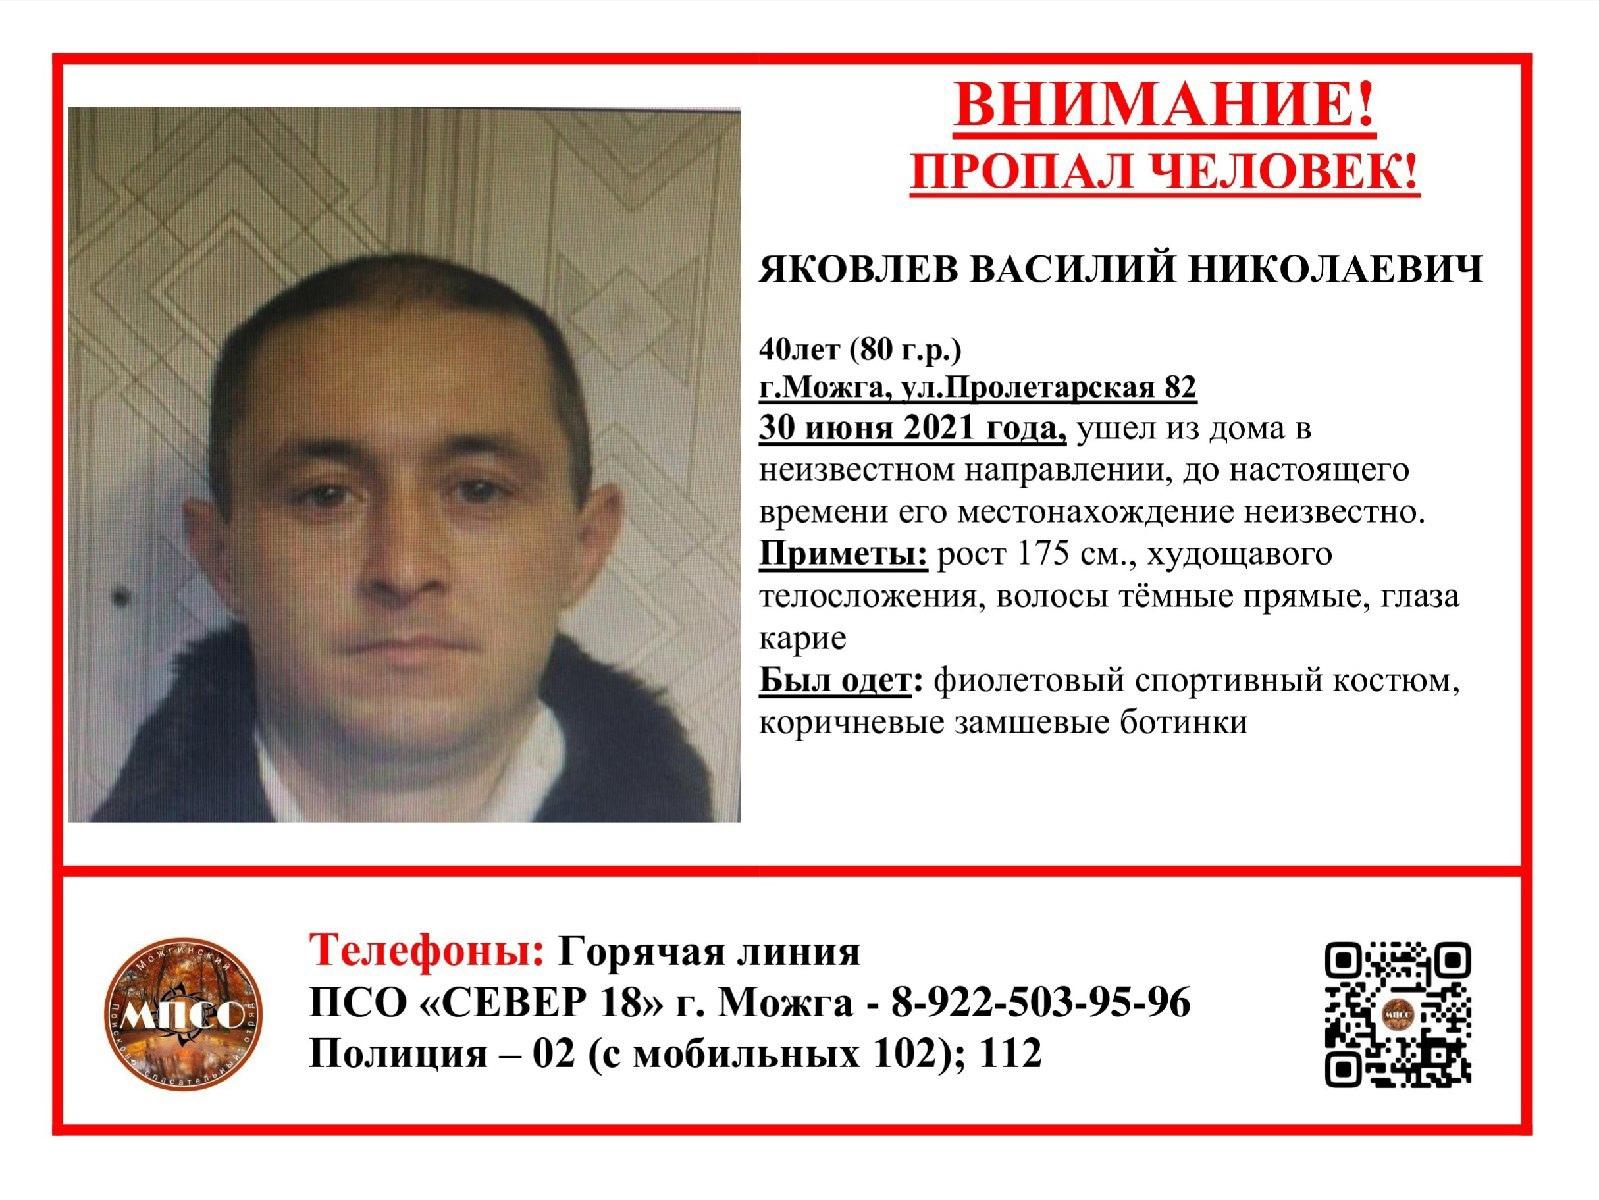 Внимание, пропал человек!Яковлев Василий Николаевич, 40 лет